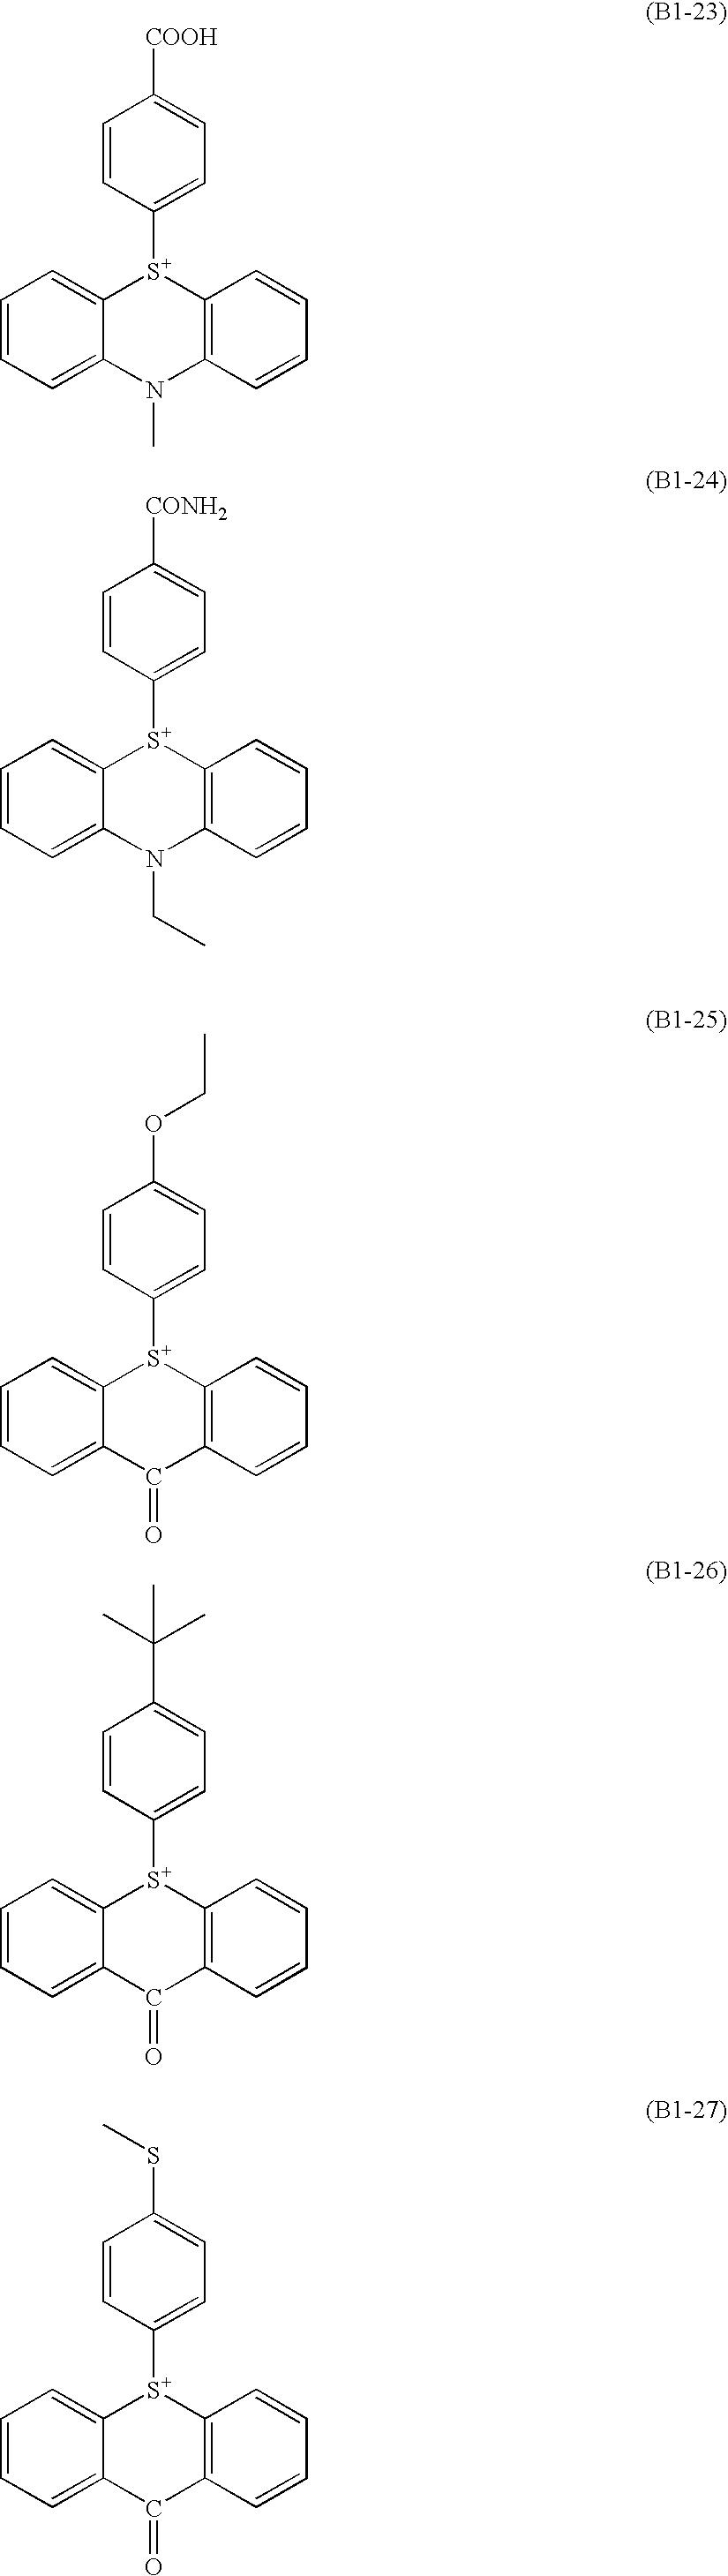 Figure US08852845-20141007-C00014